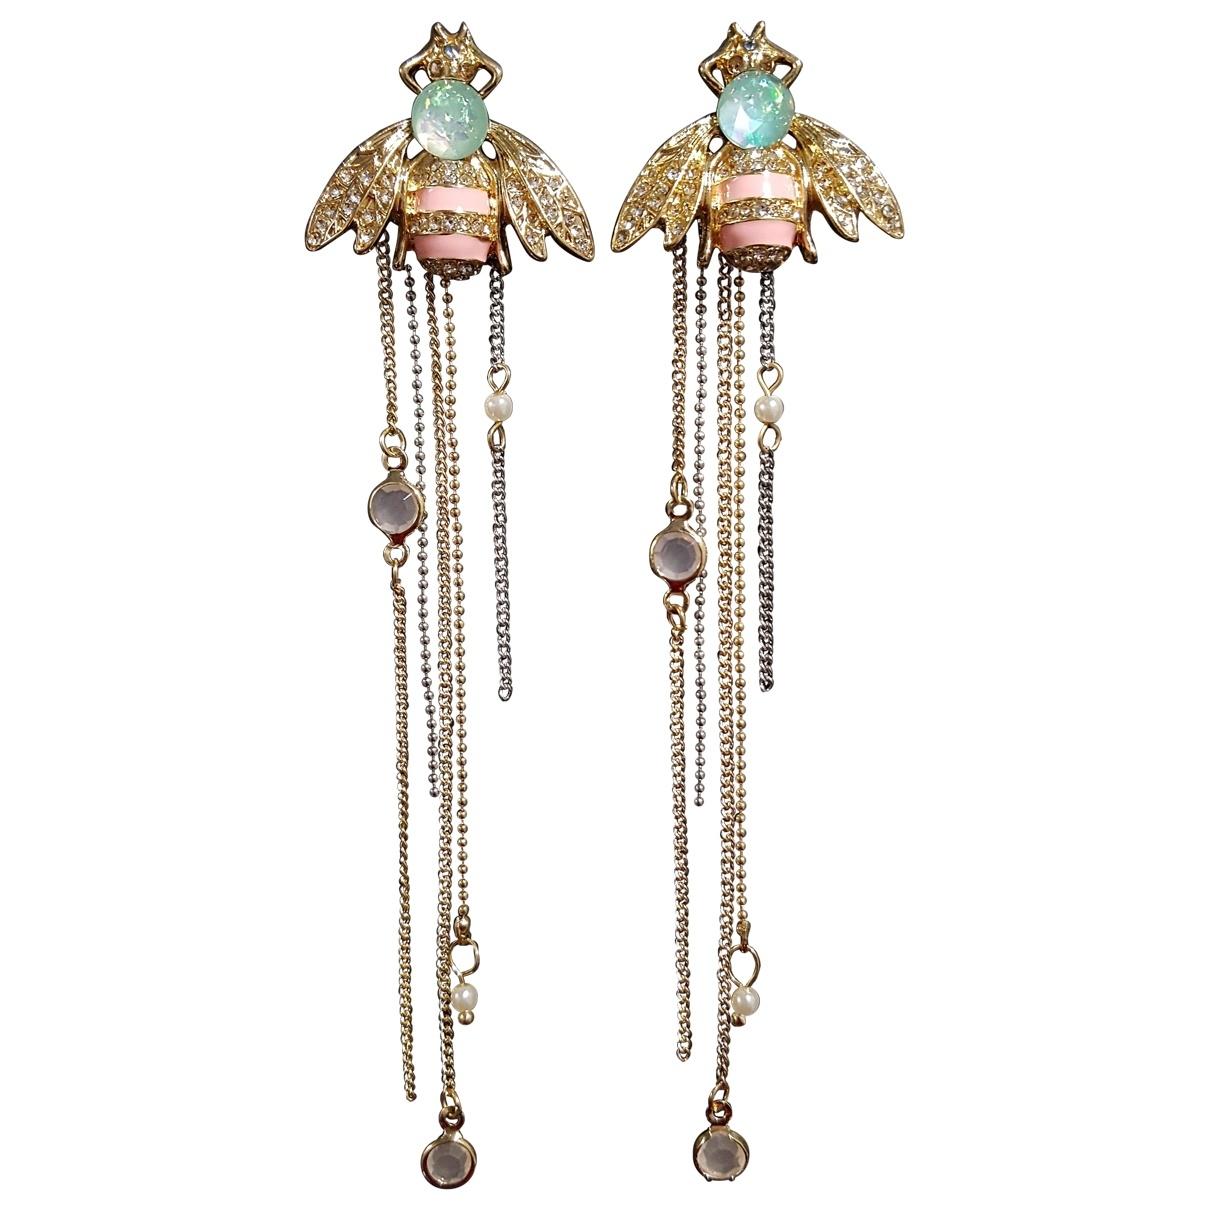 - Boucles d'oreilles Motifs Animaliers pour femme en metal - dore